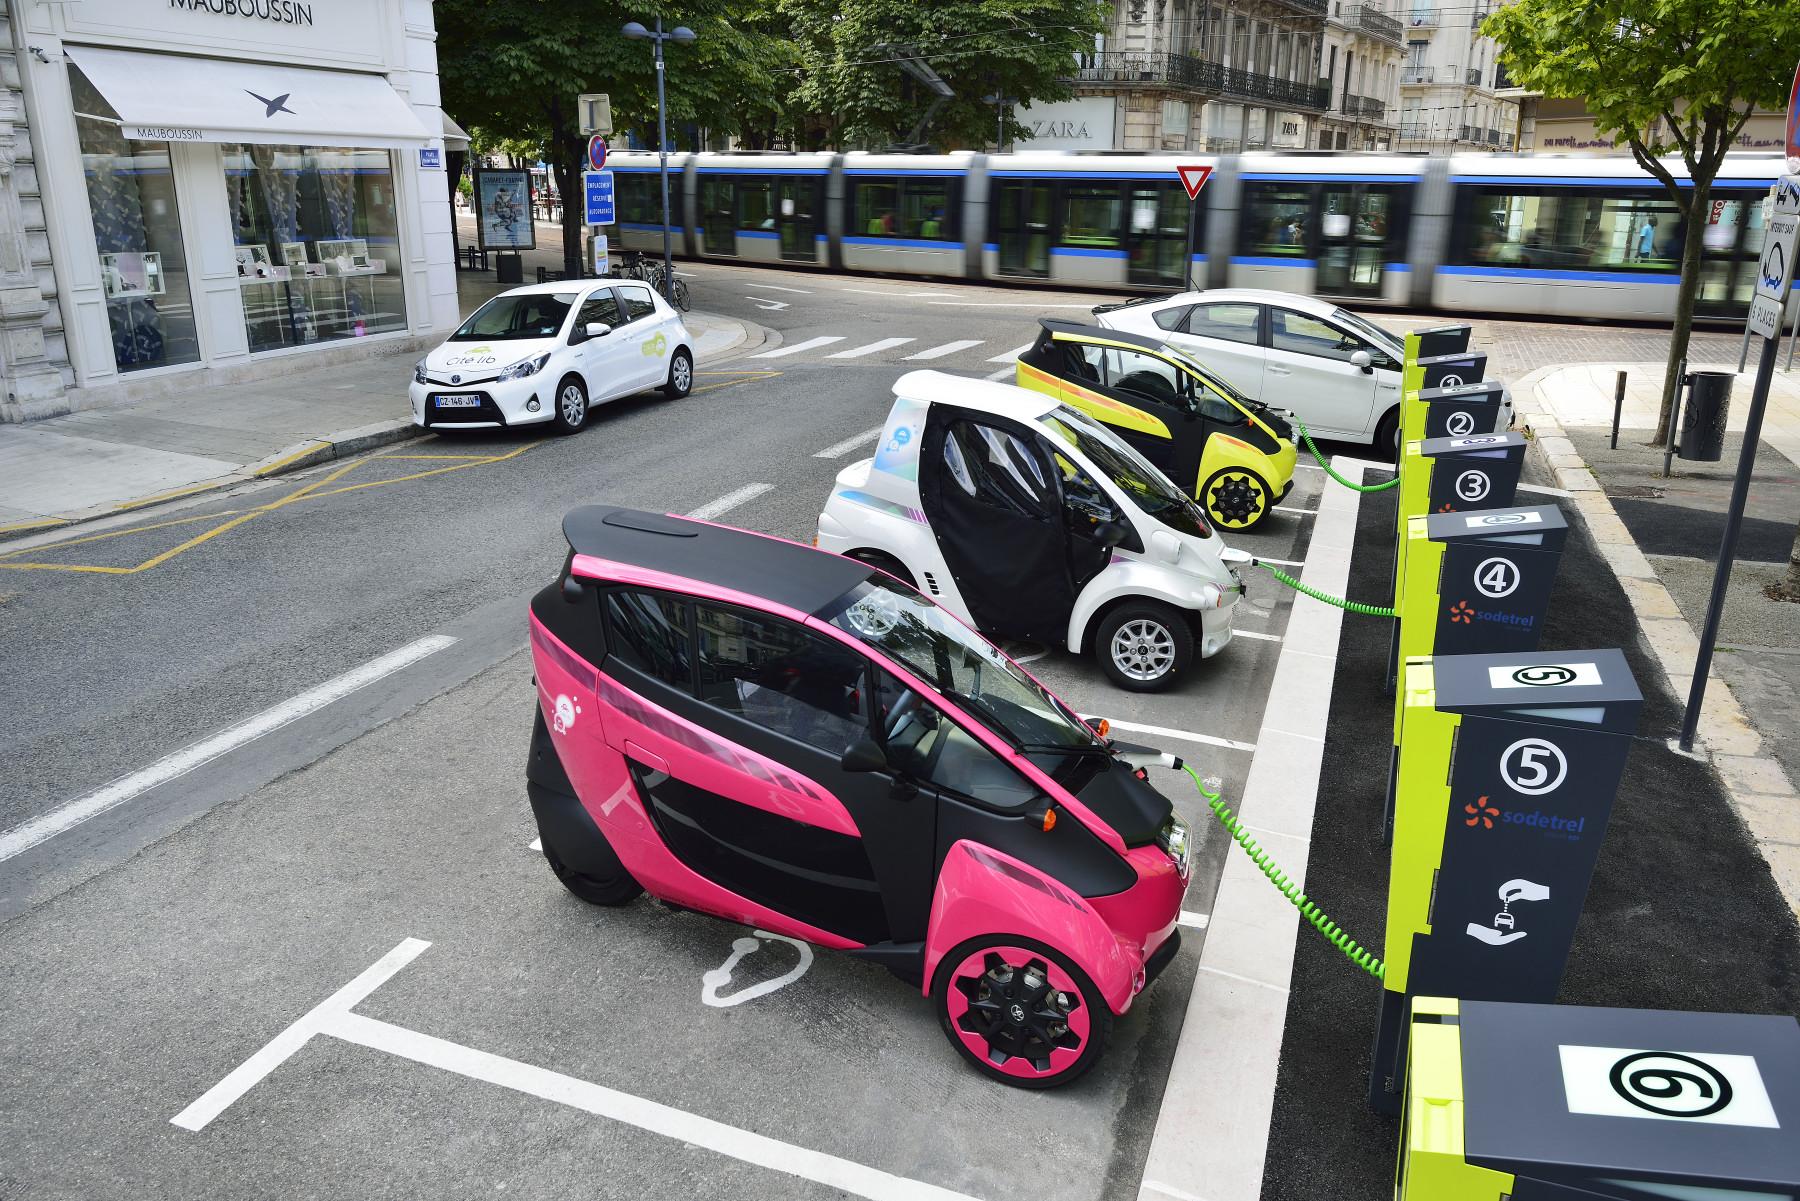 Araçların şarj noktaları toplu taşıma ile entegre çalışıyor